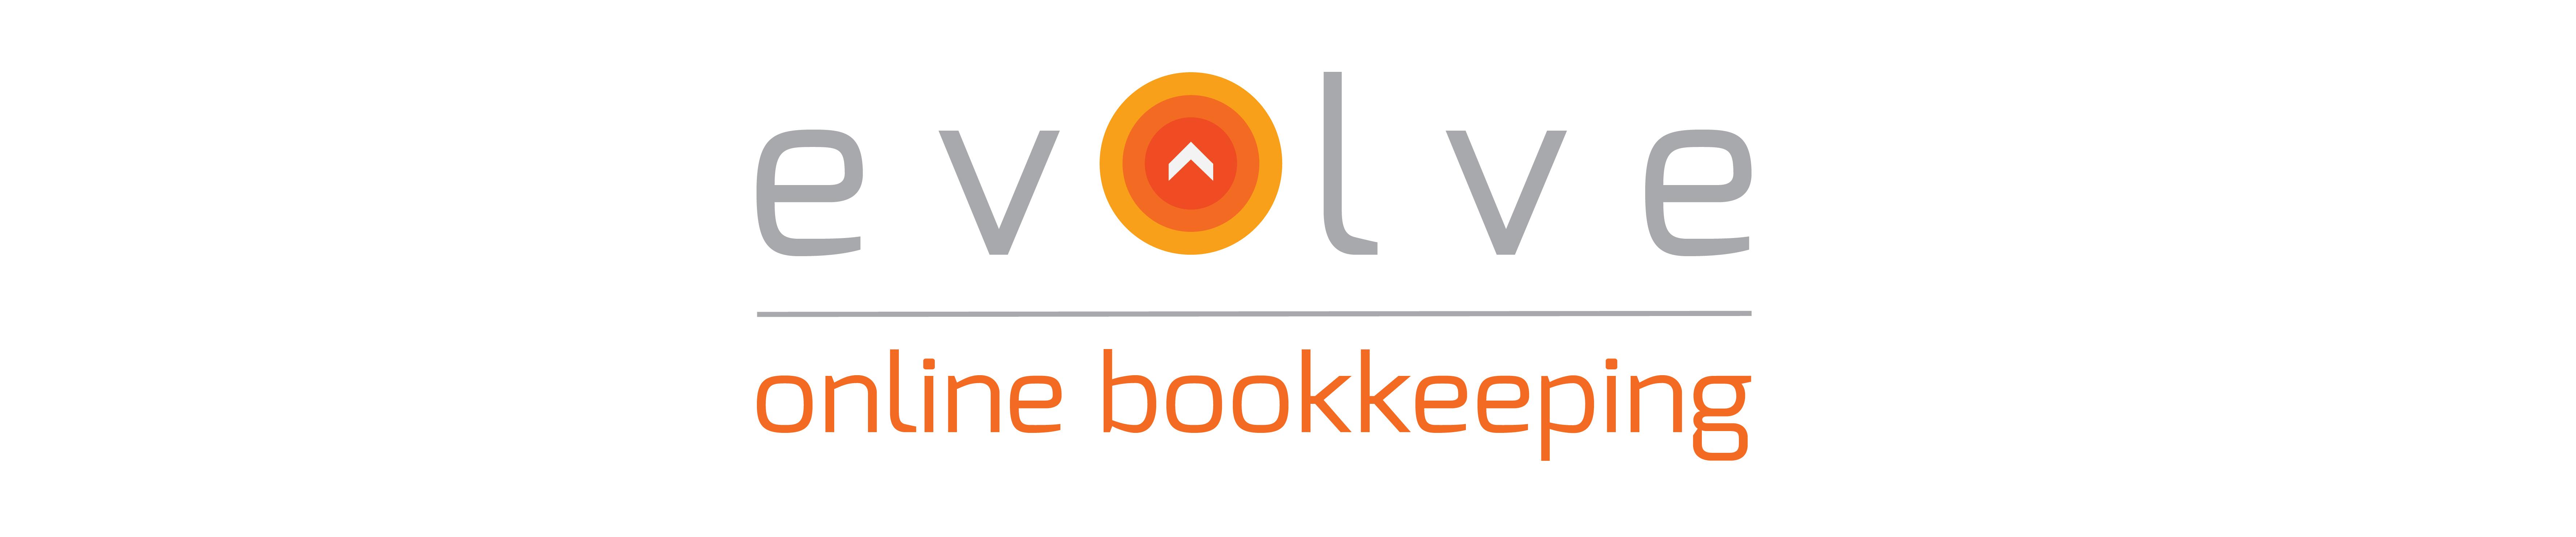 Evovle Online Bookkeeping